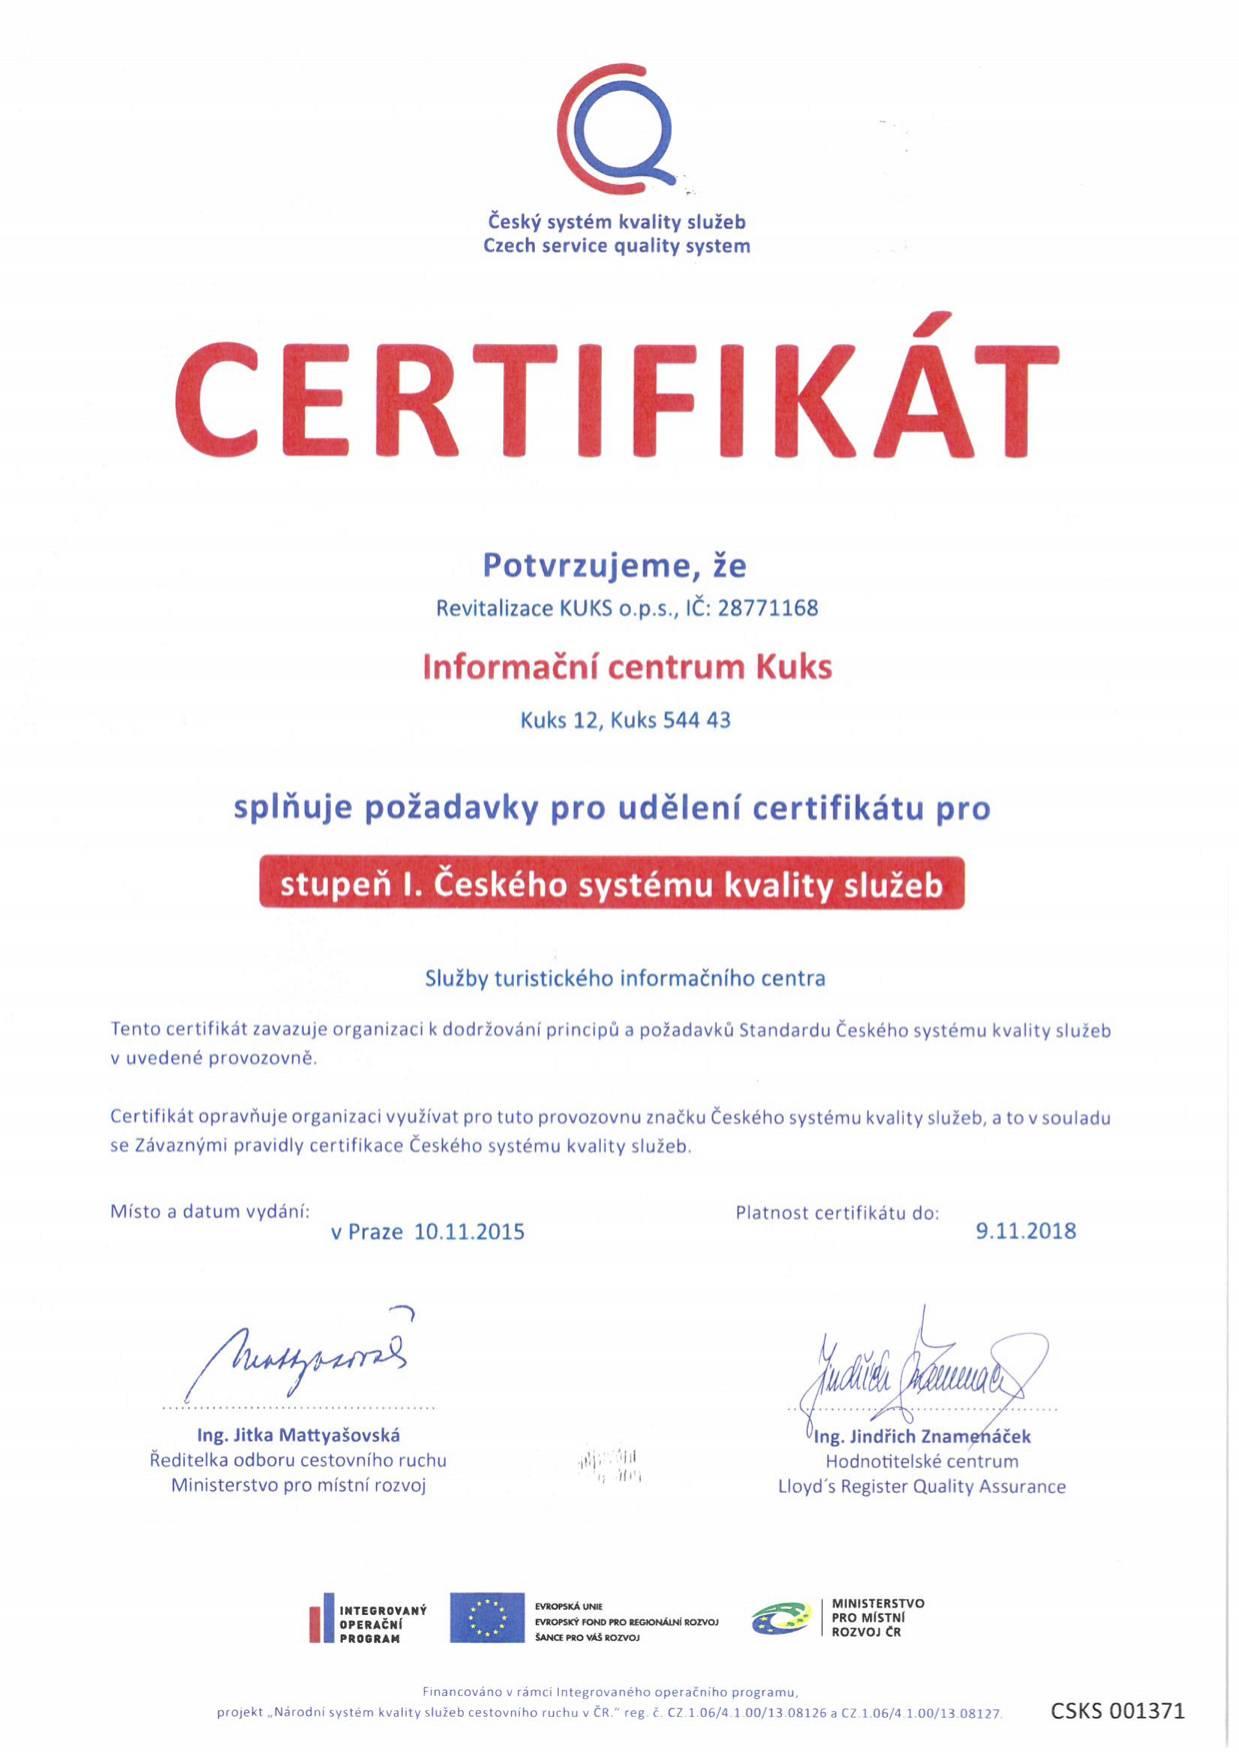 Certifikat CSKS